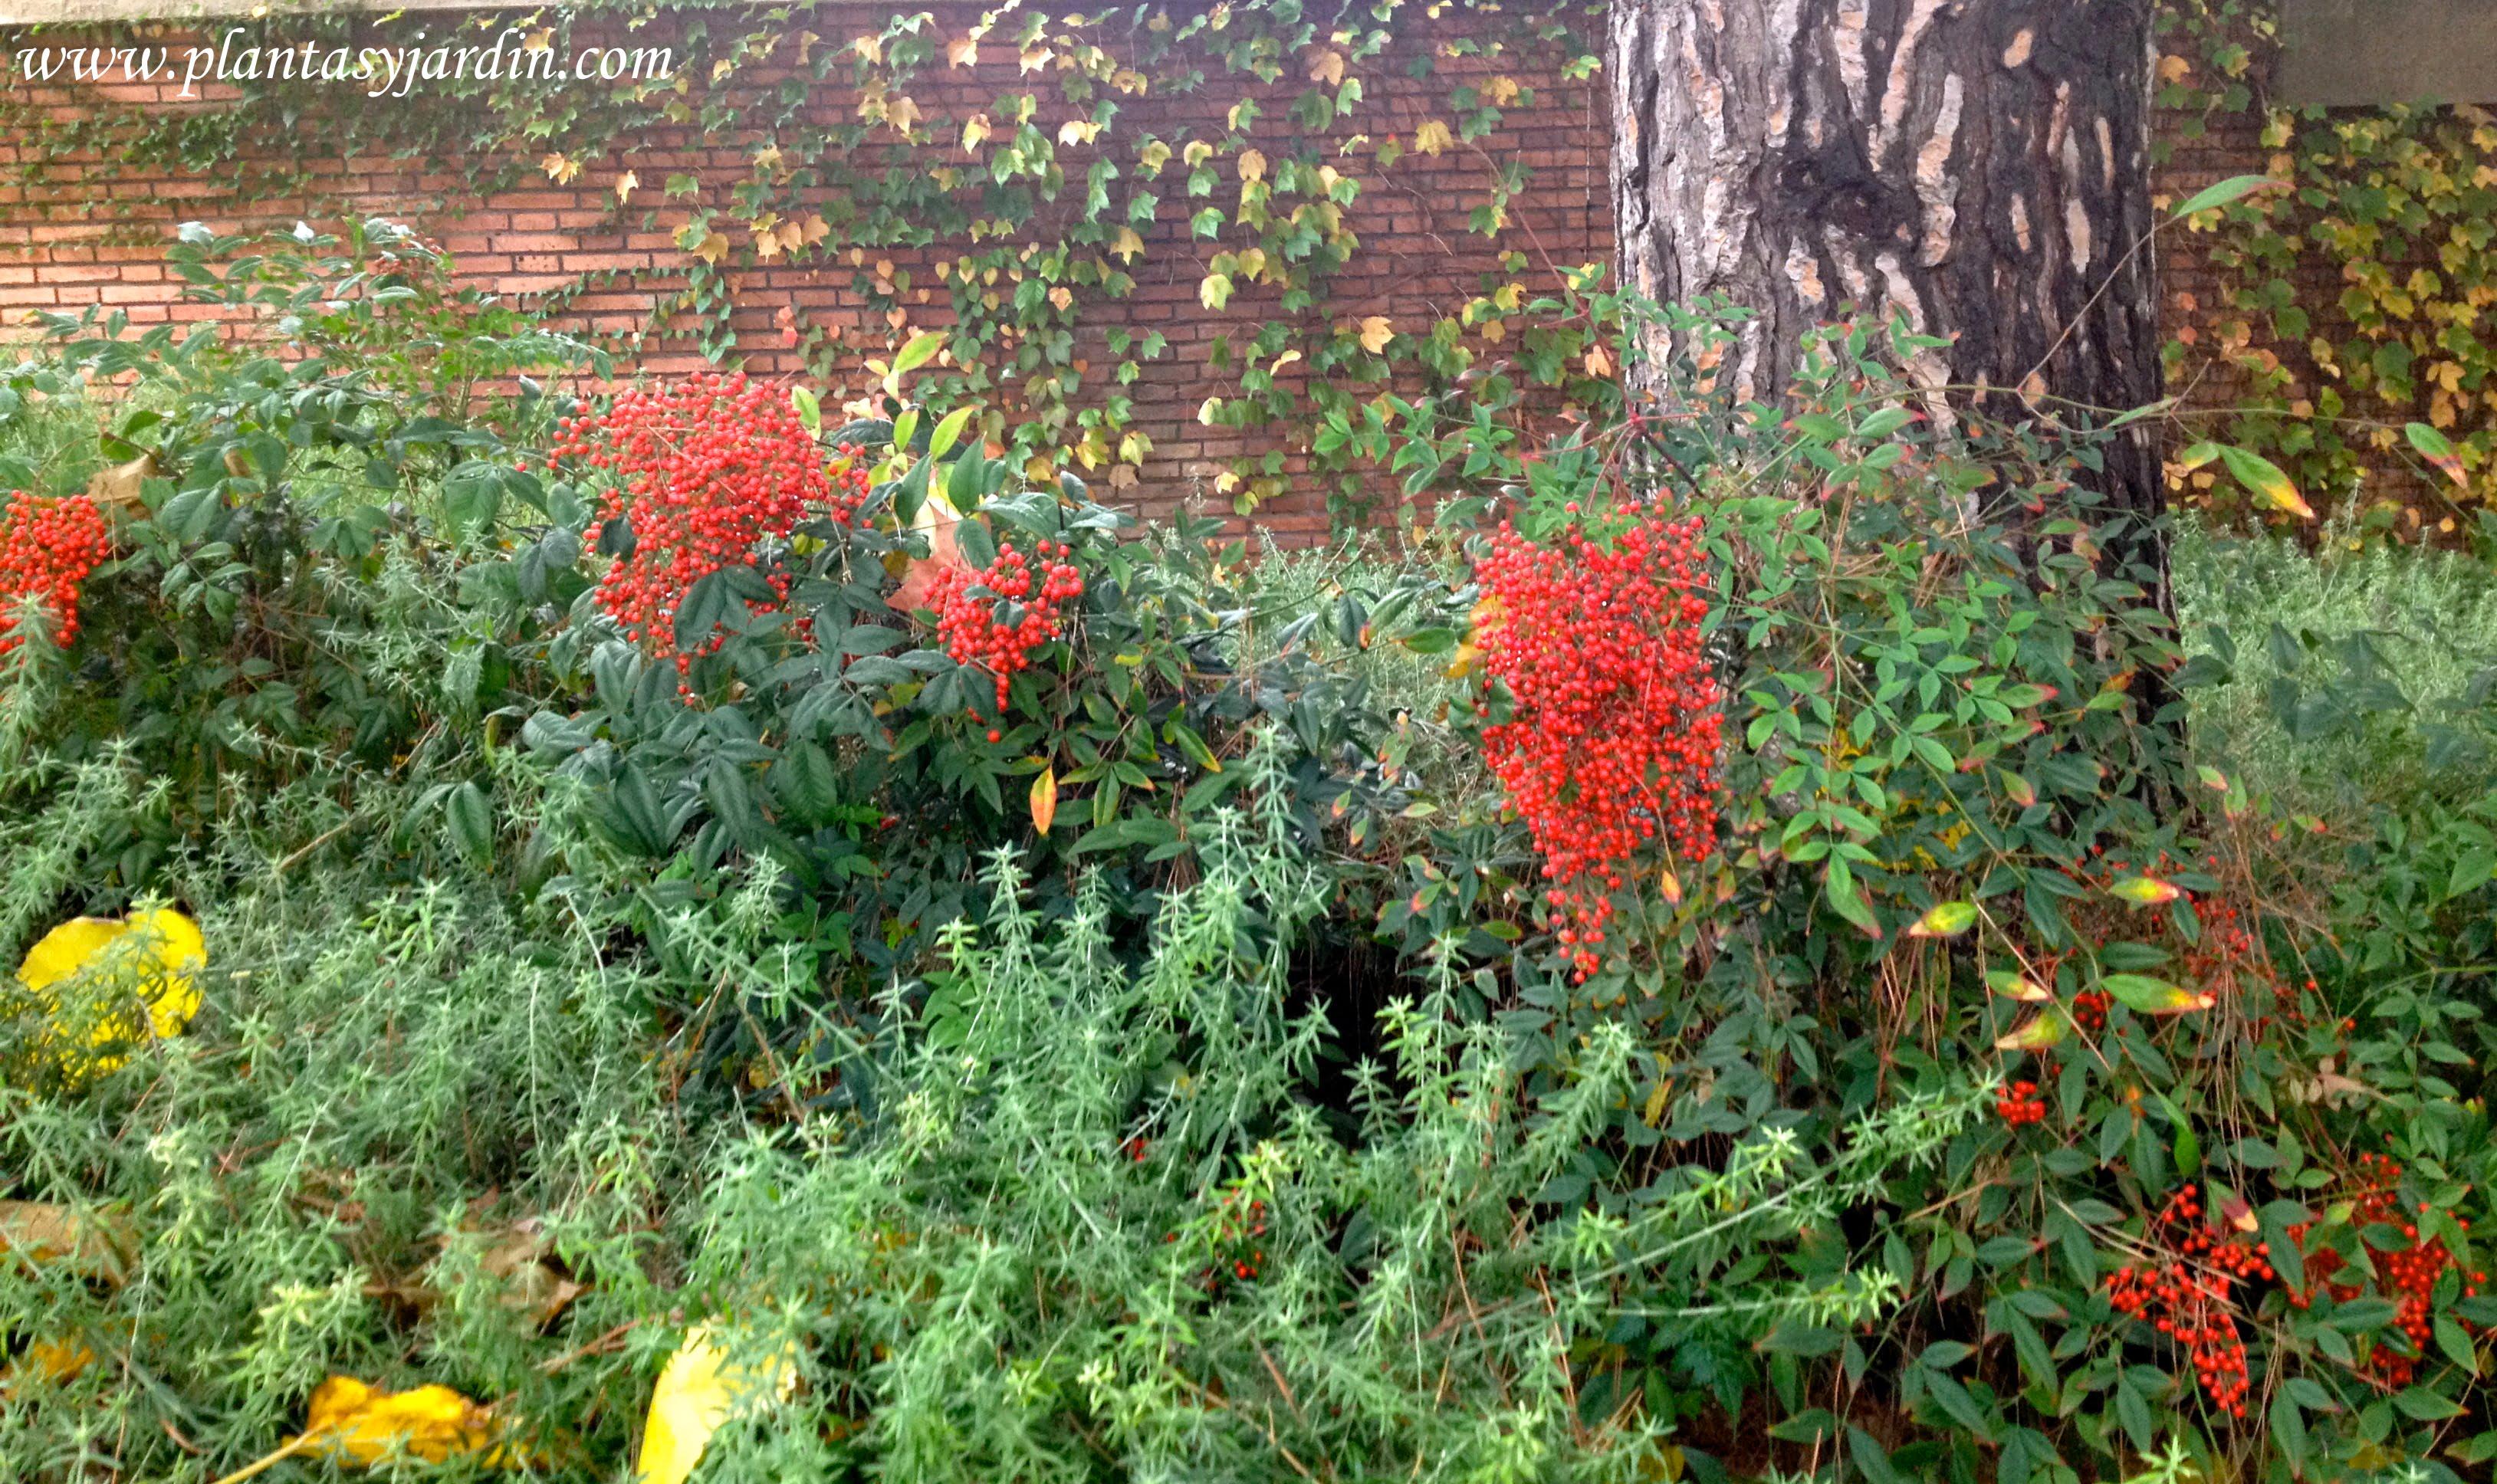 Nandina con frutos en la planta en otoño